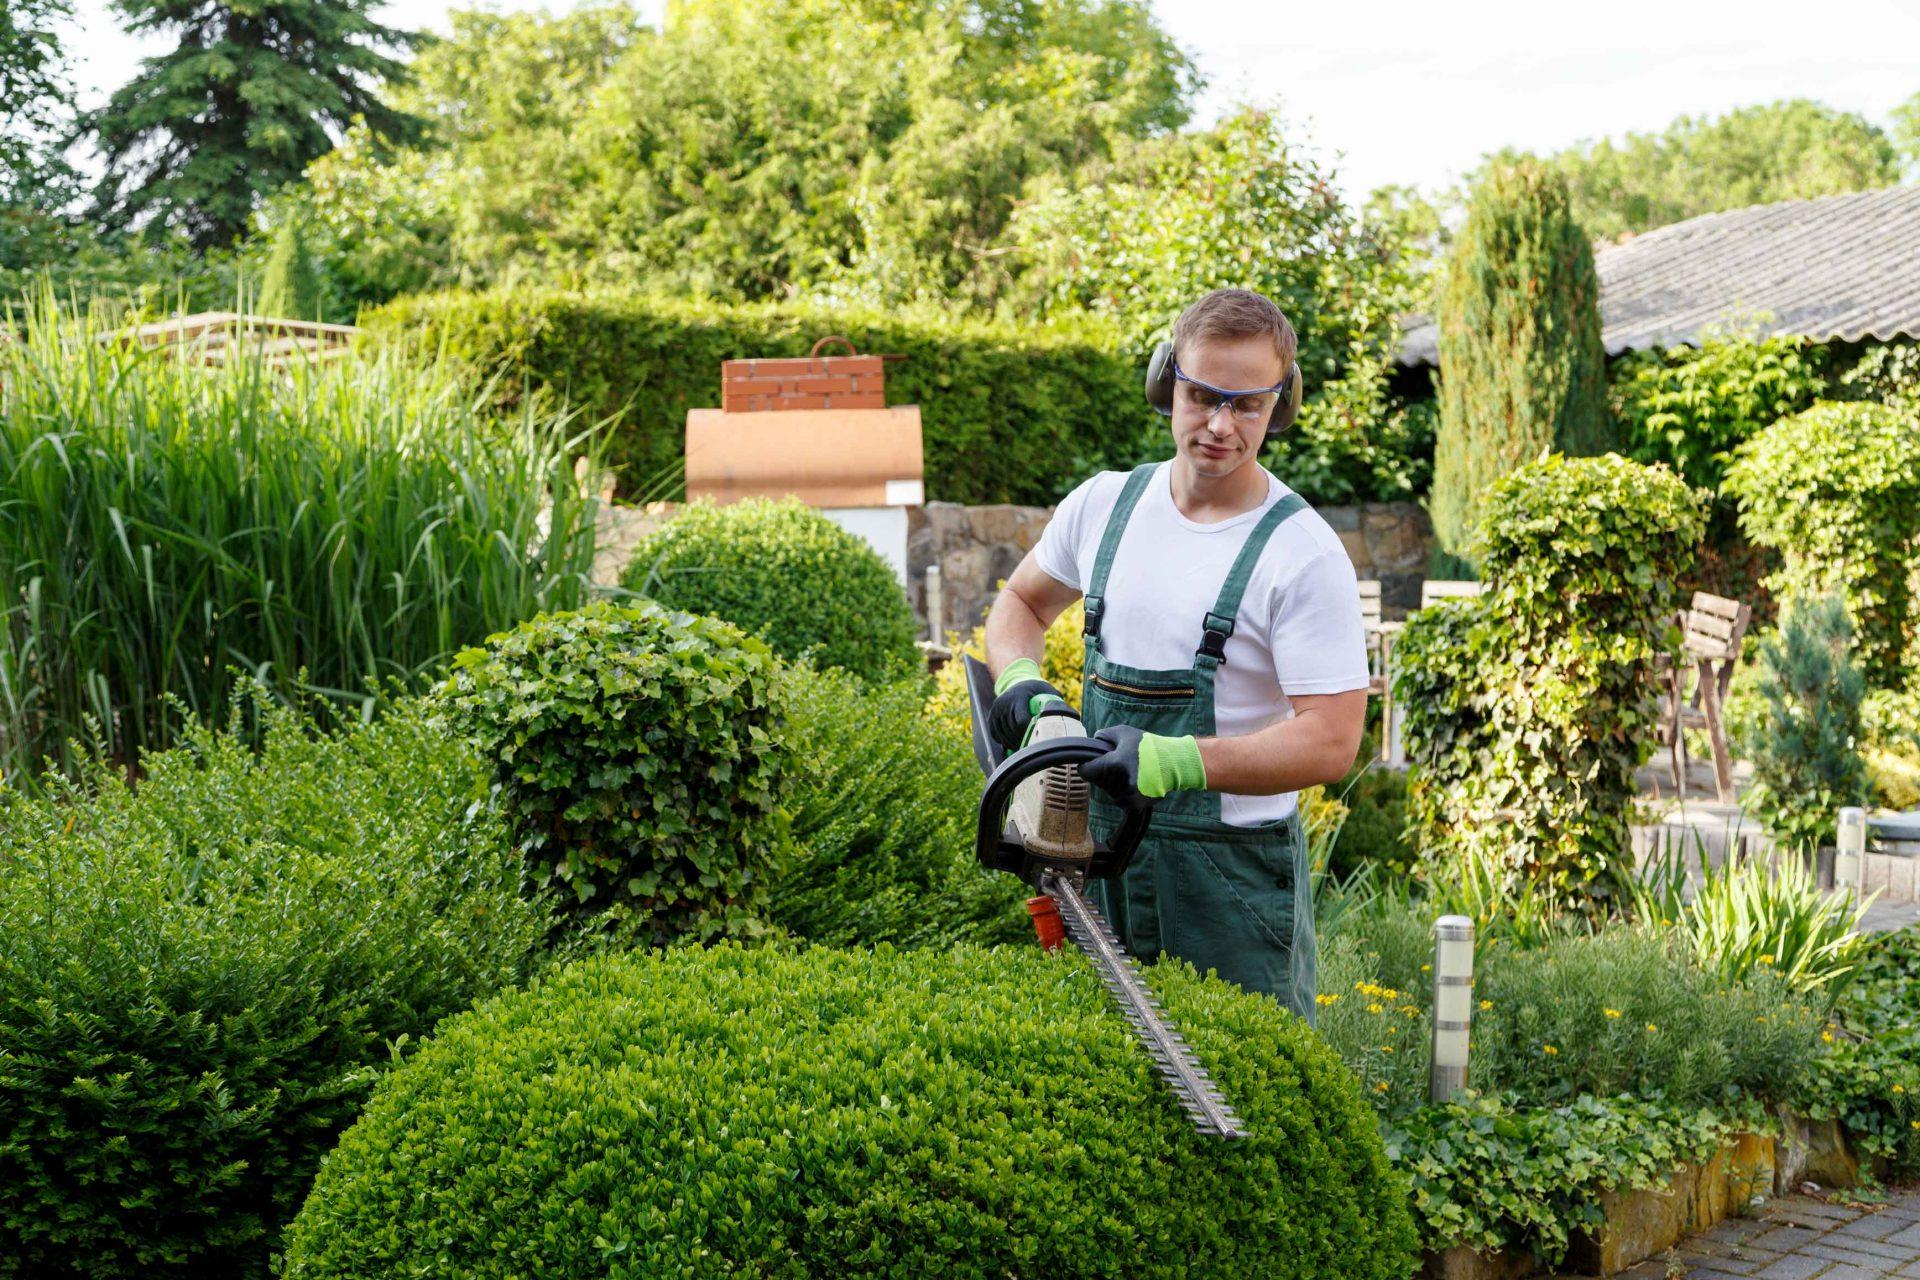 גנן - מה סגנון הגינה שלכם?